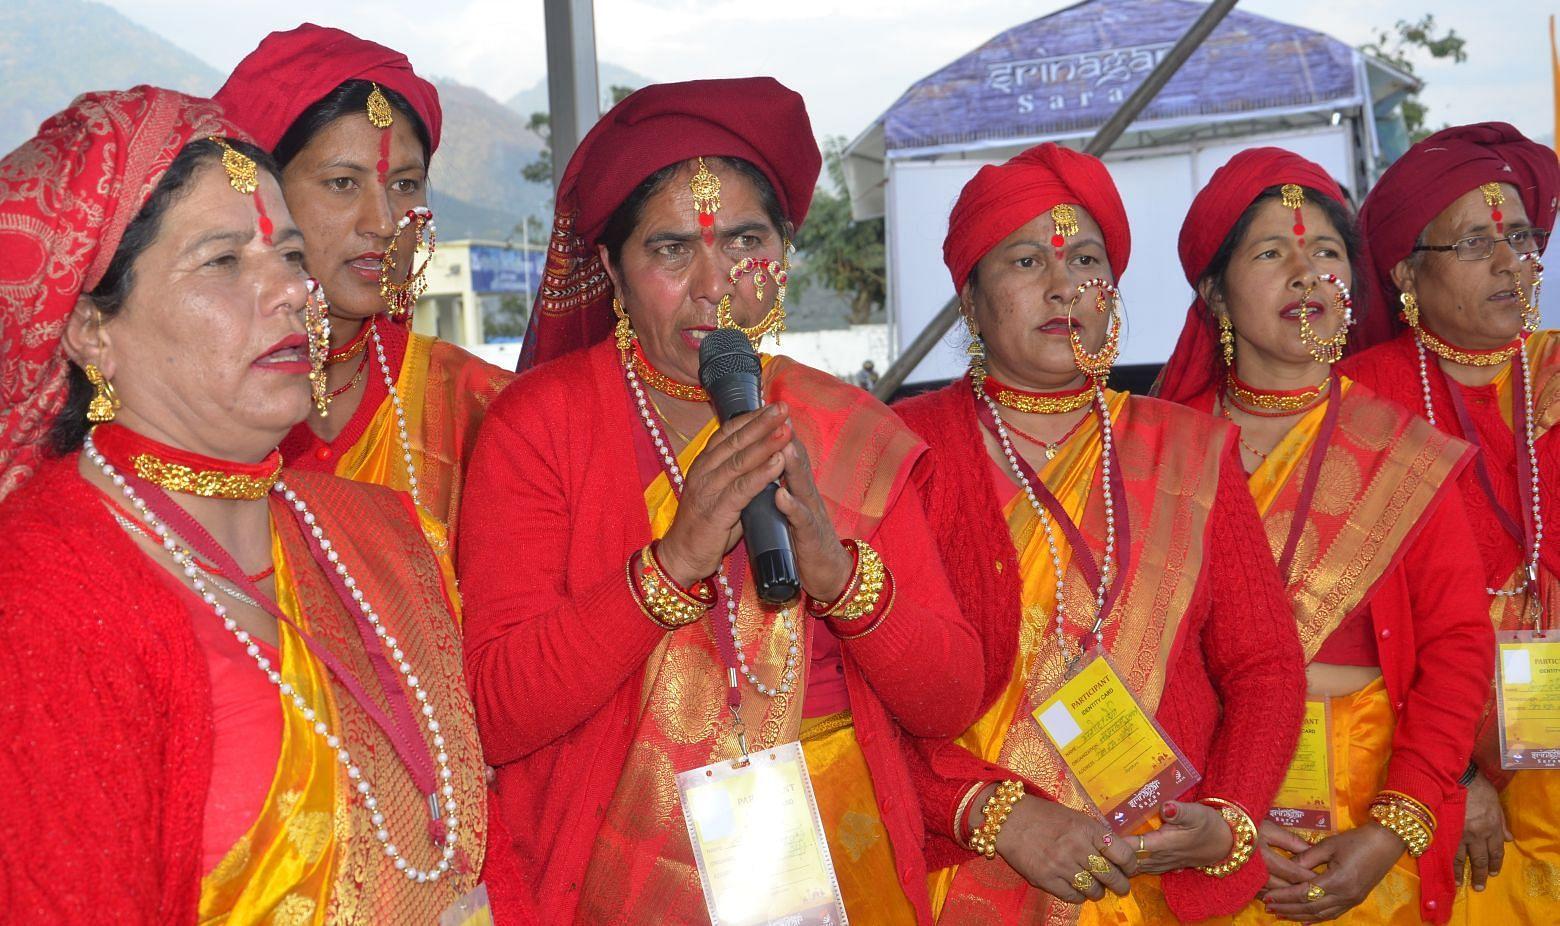 श्रीनगर मे सरस मेले के शुभारंभ के मौके पर स्वागत गान की प्रस्तुति देती महिलाएं